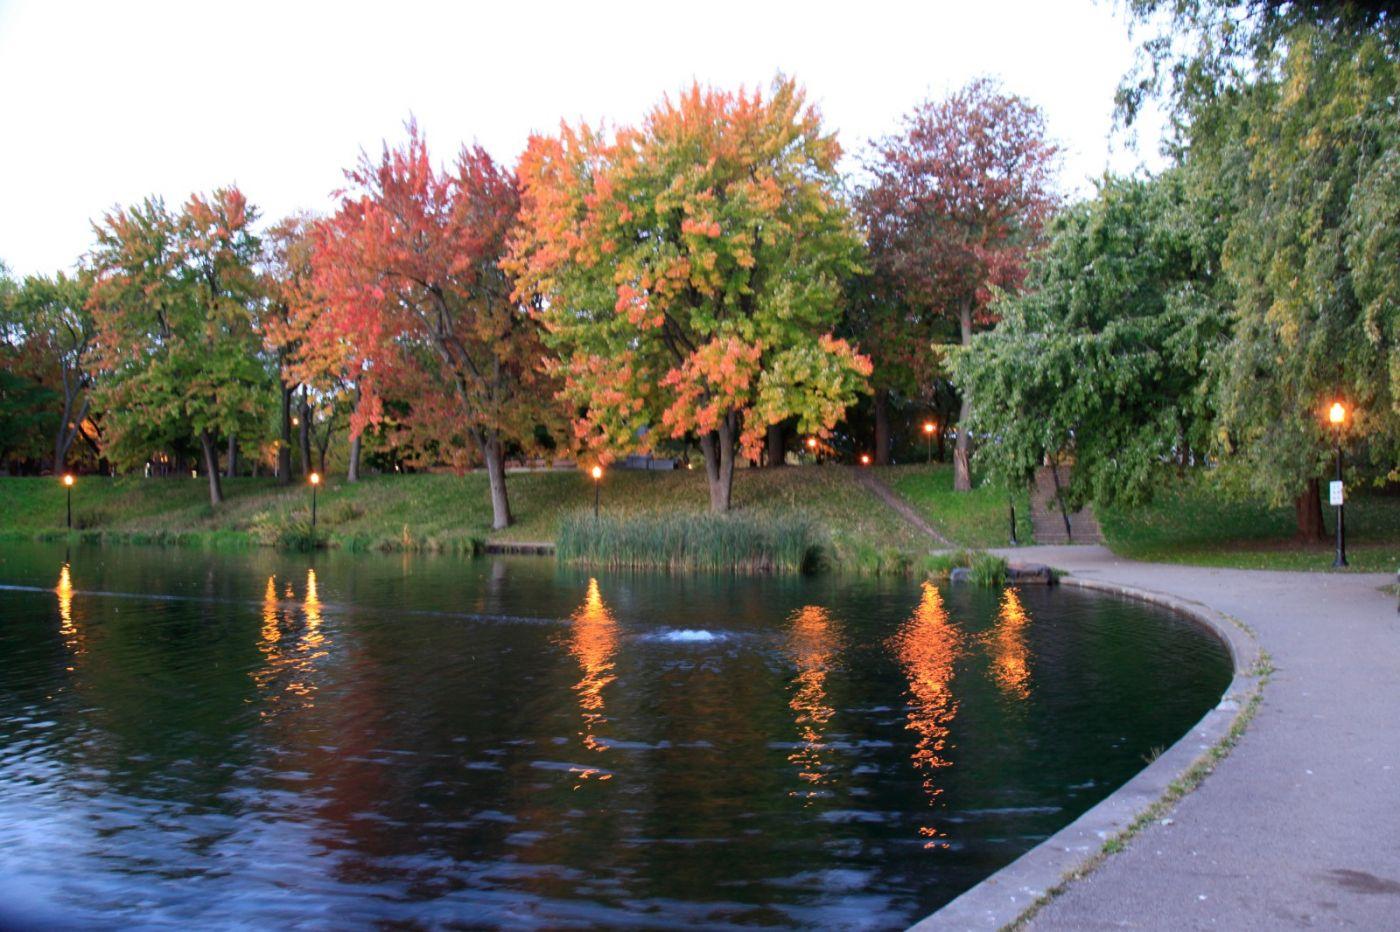 清晨在加拿大蒙特利尔公园赏枫_图1-1